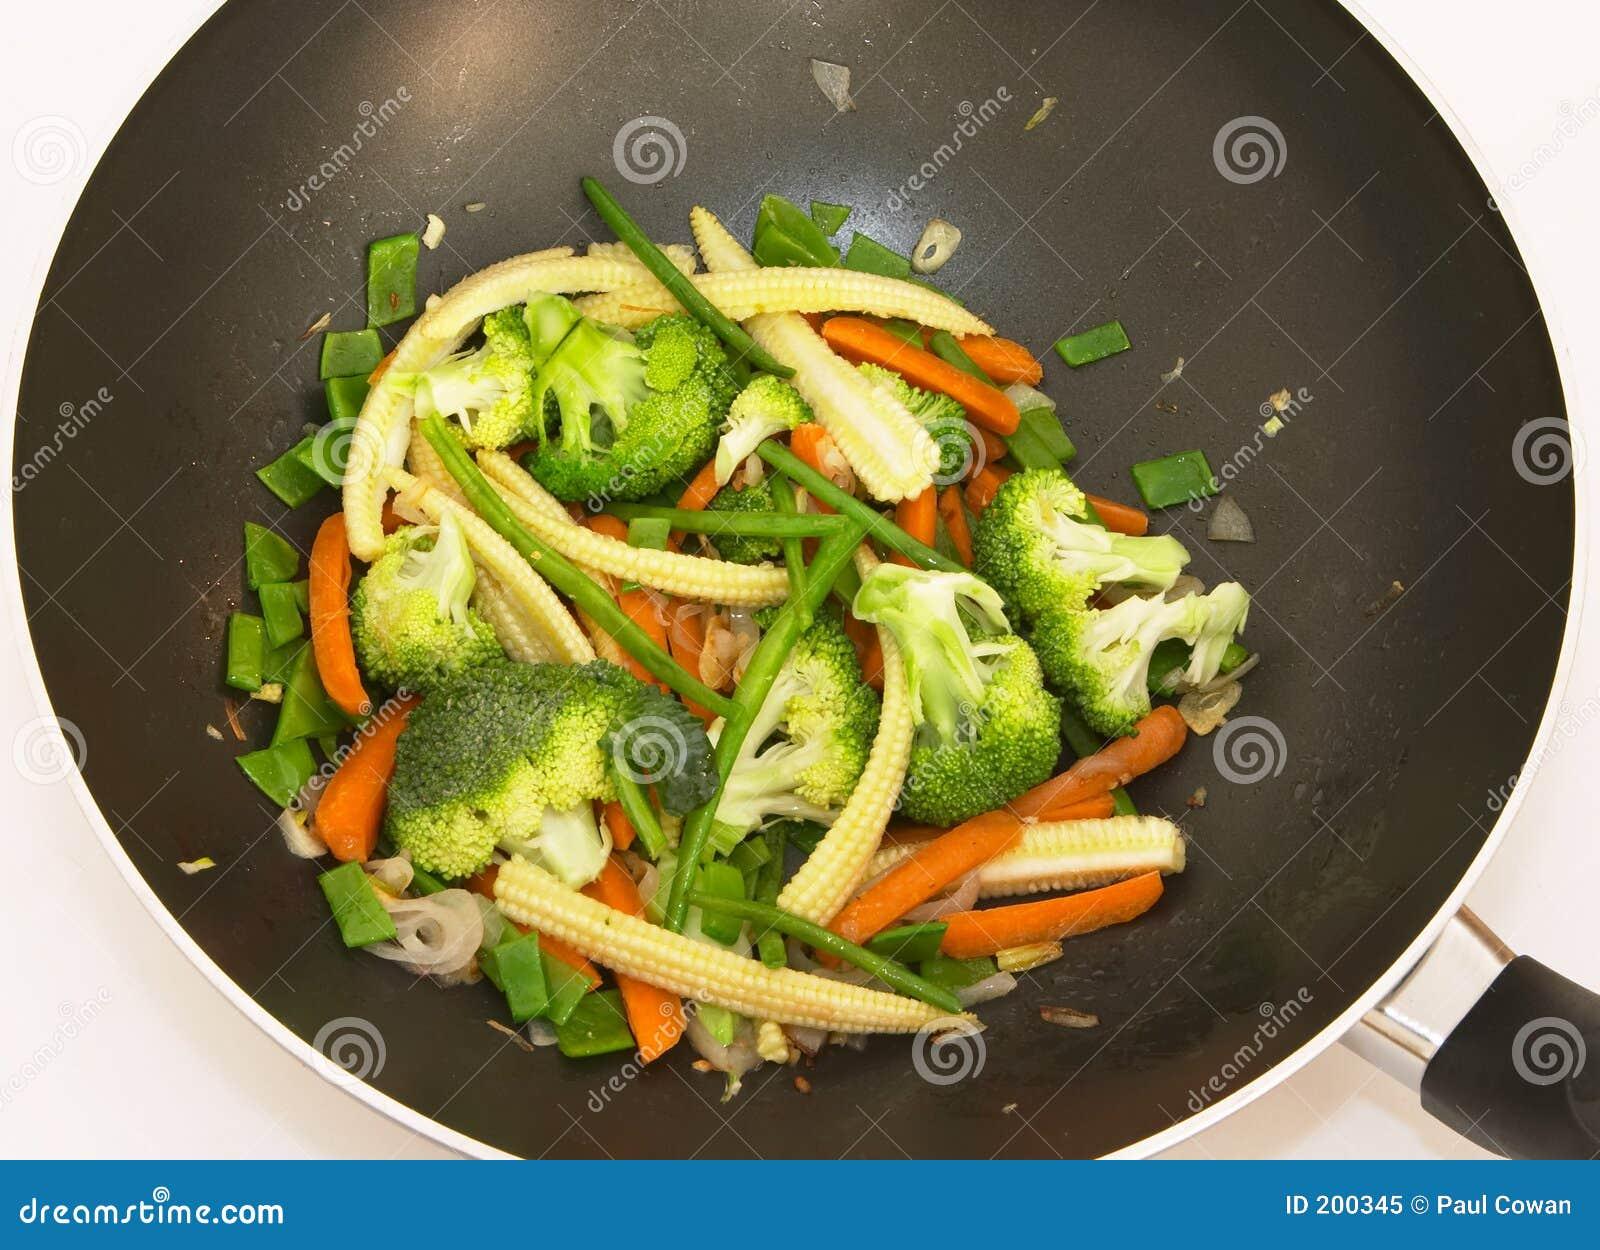 Remuez la friture dans le wok